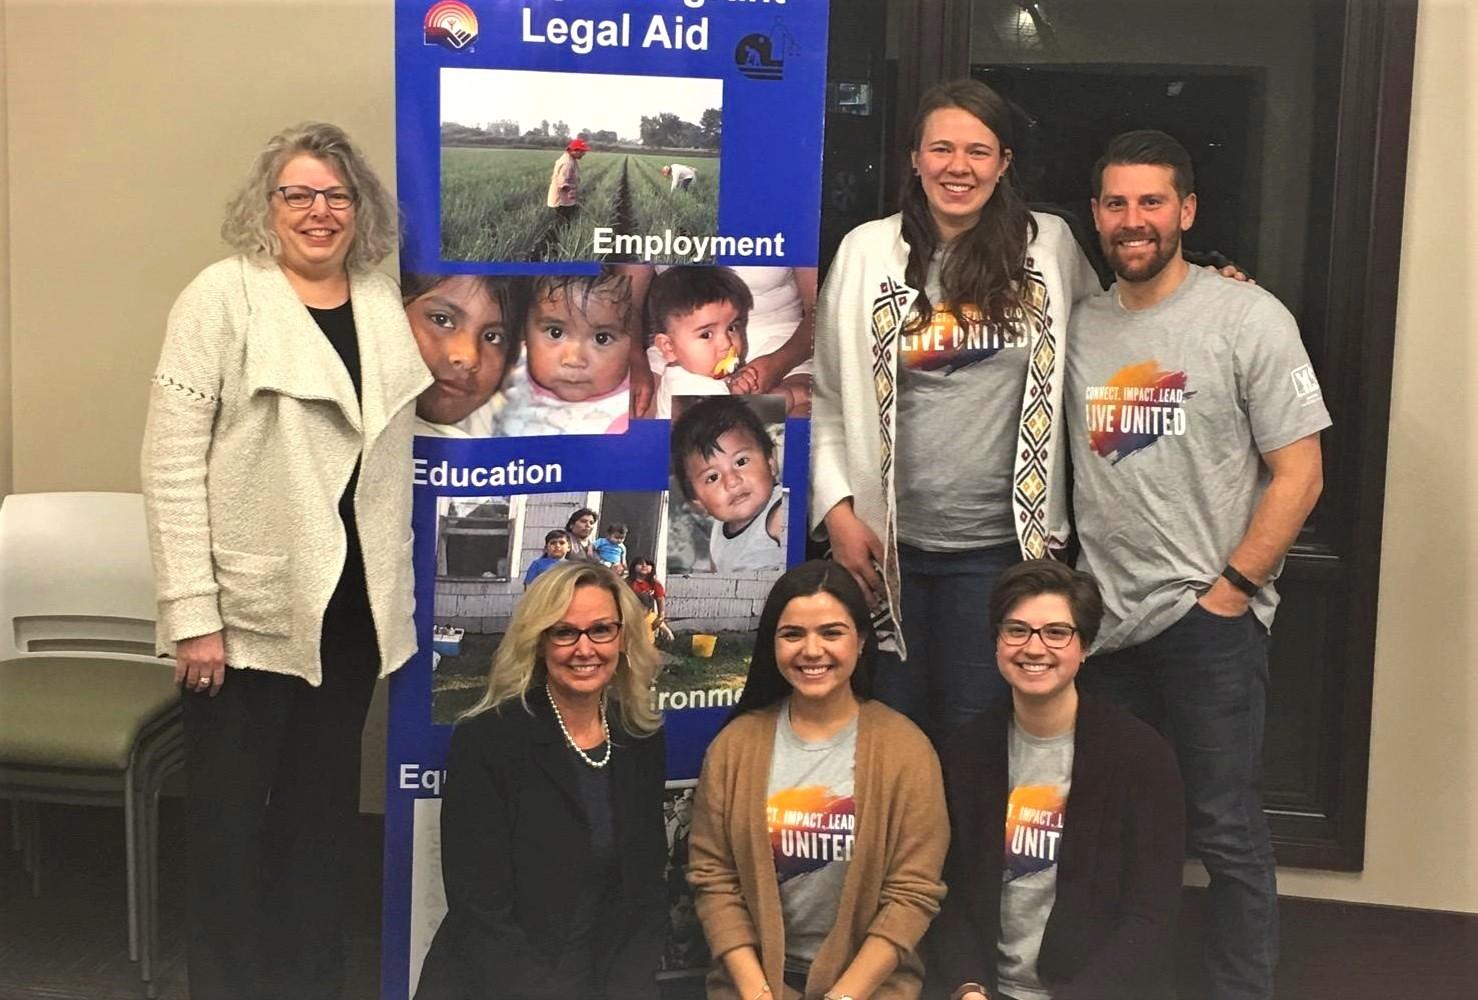 Grant Presentation at Migrant Legal Aid